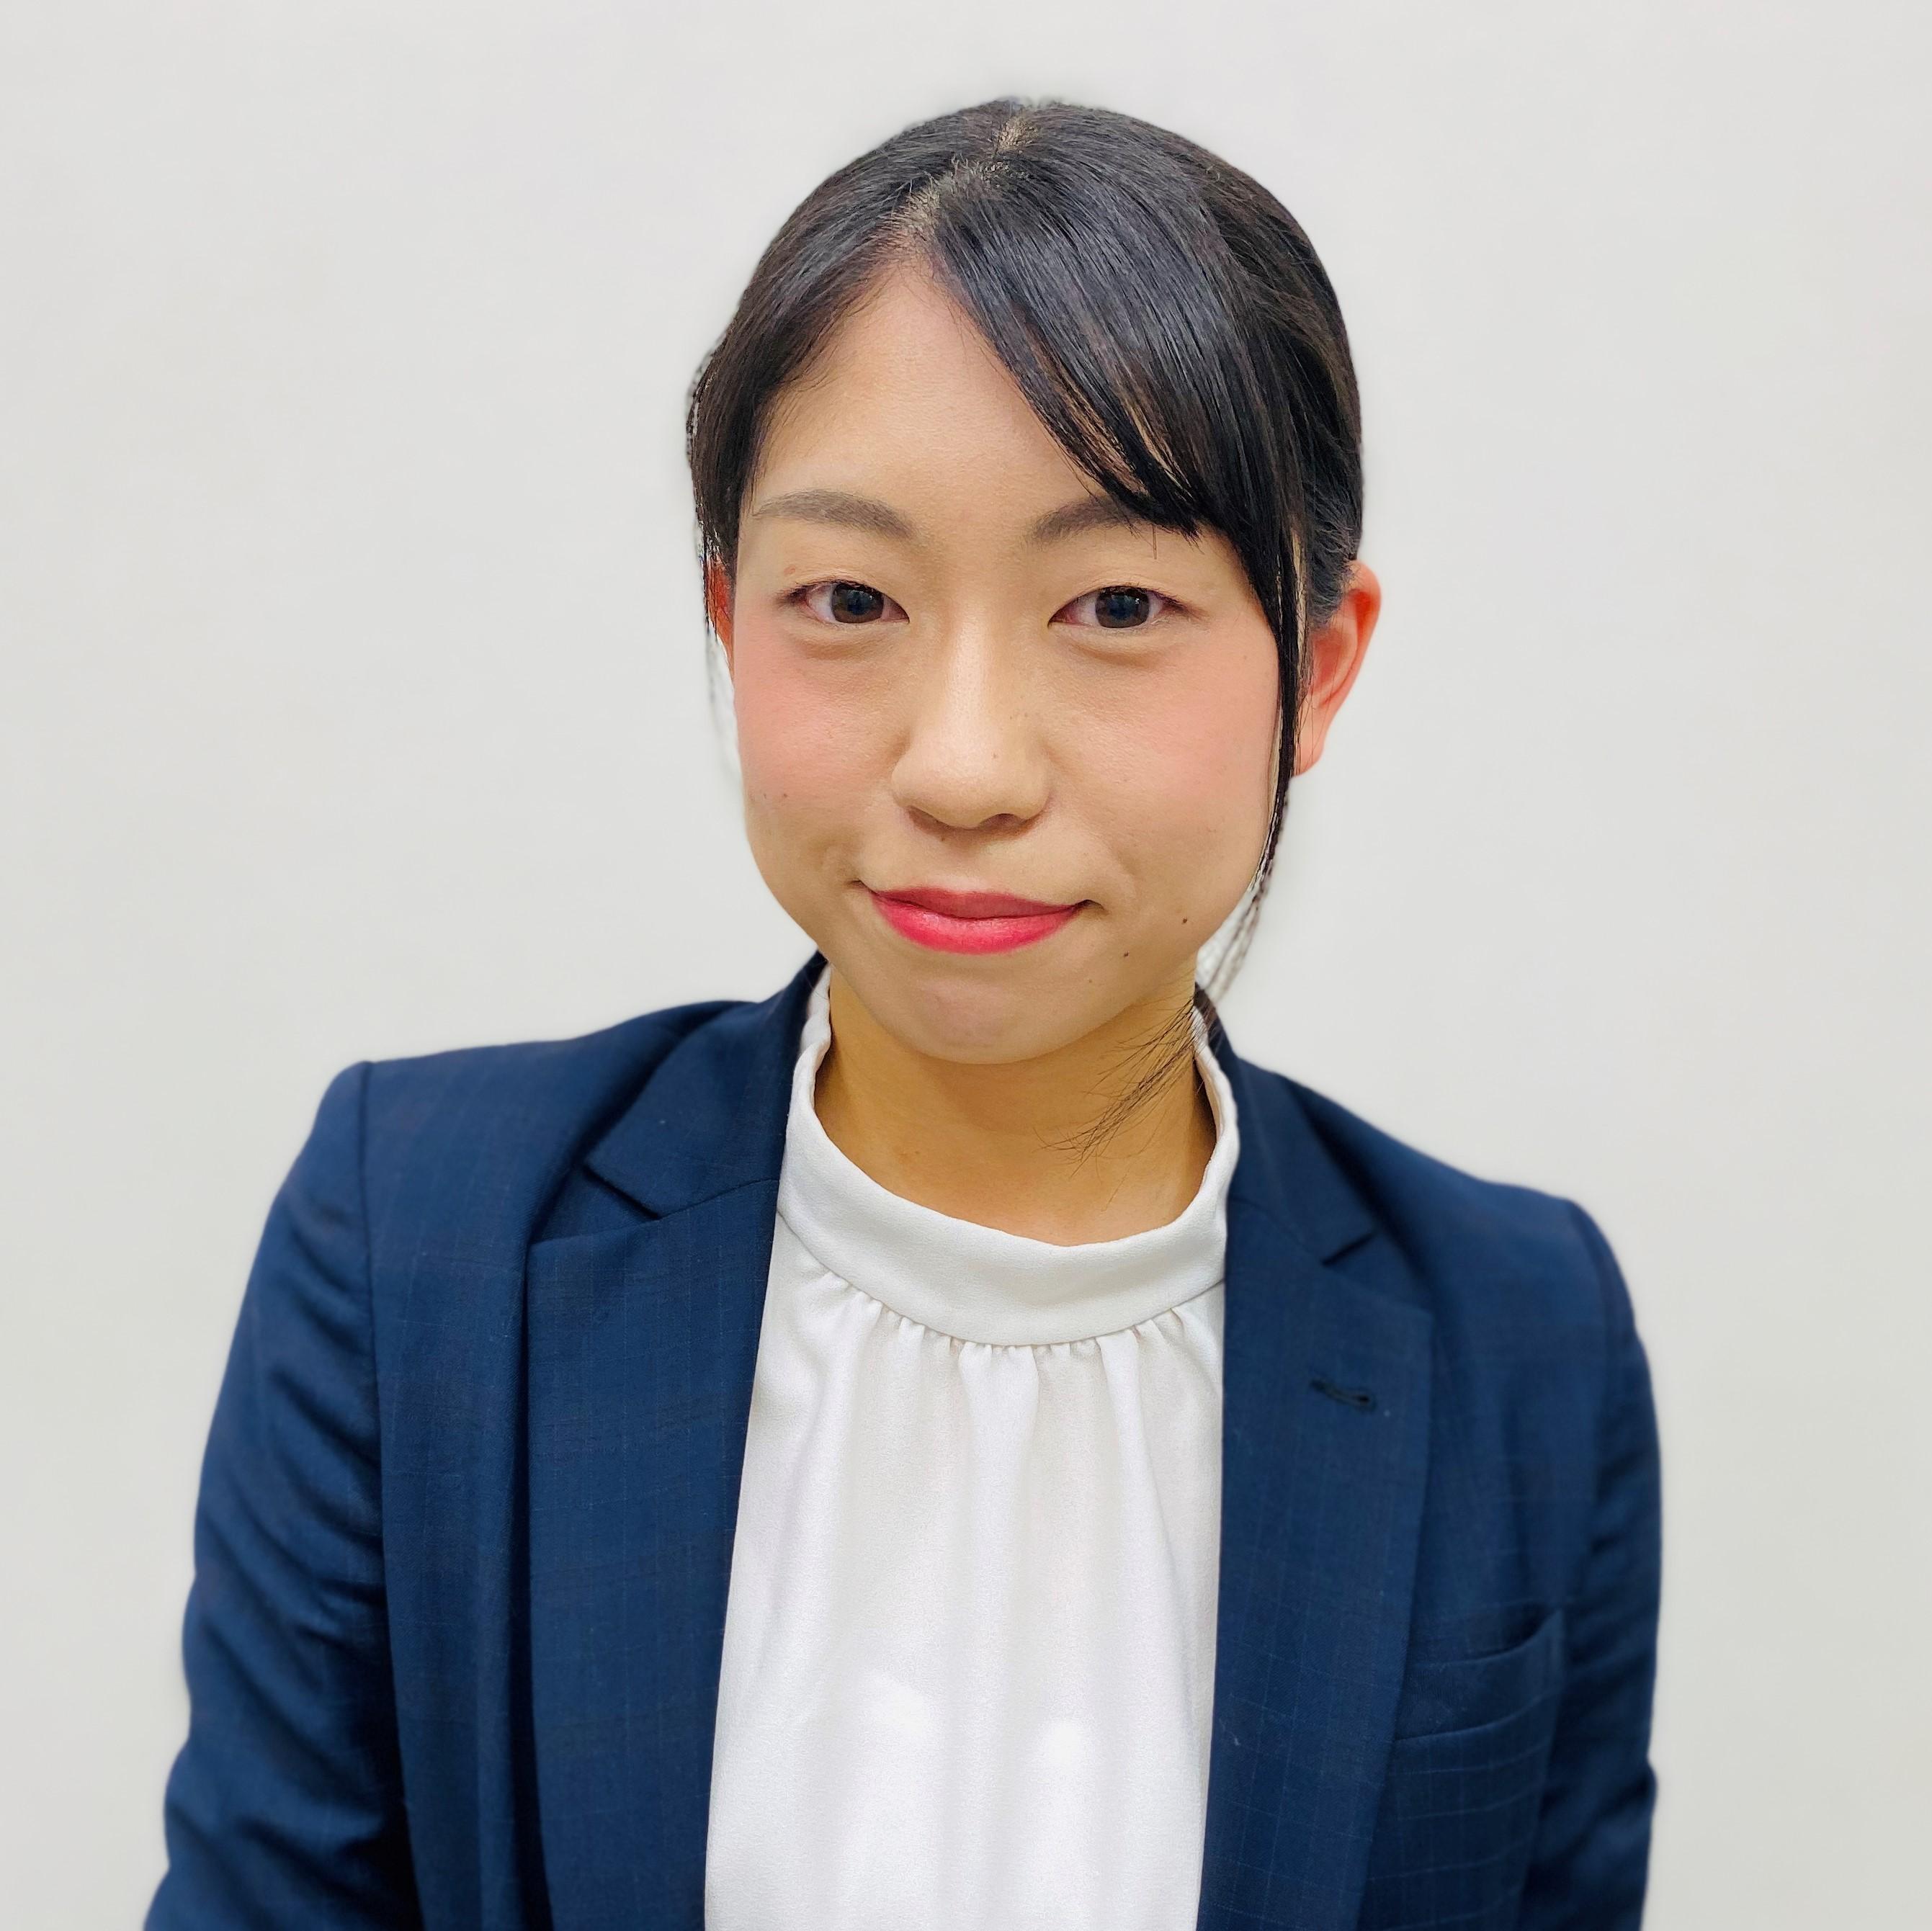 岸田弁護士の写真です